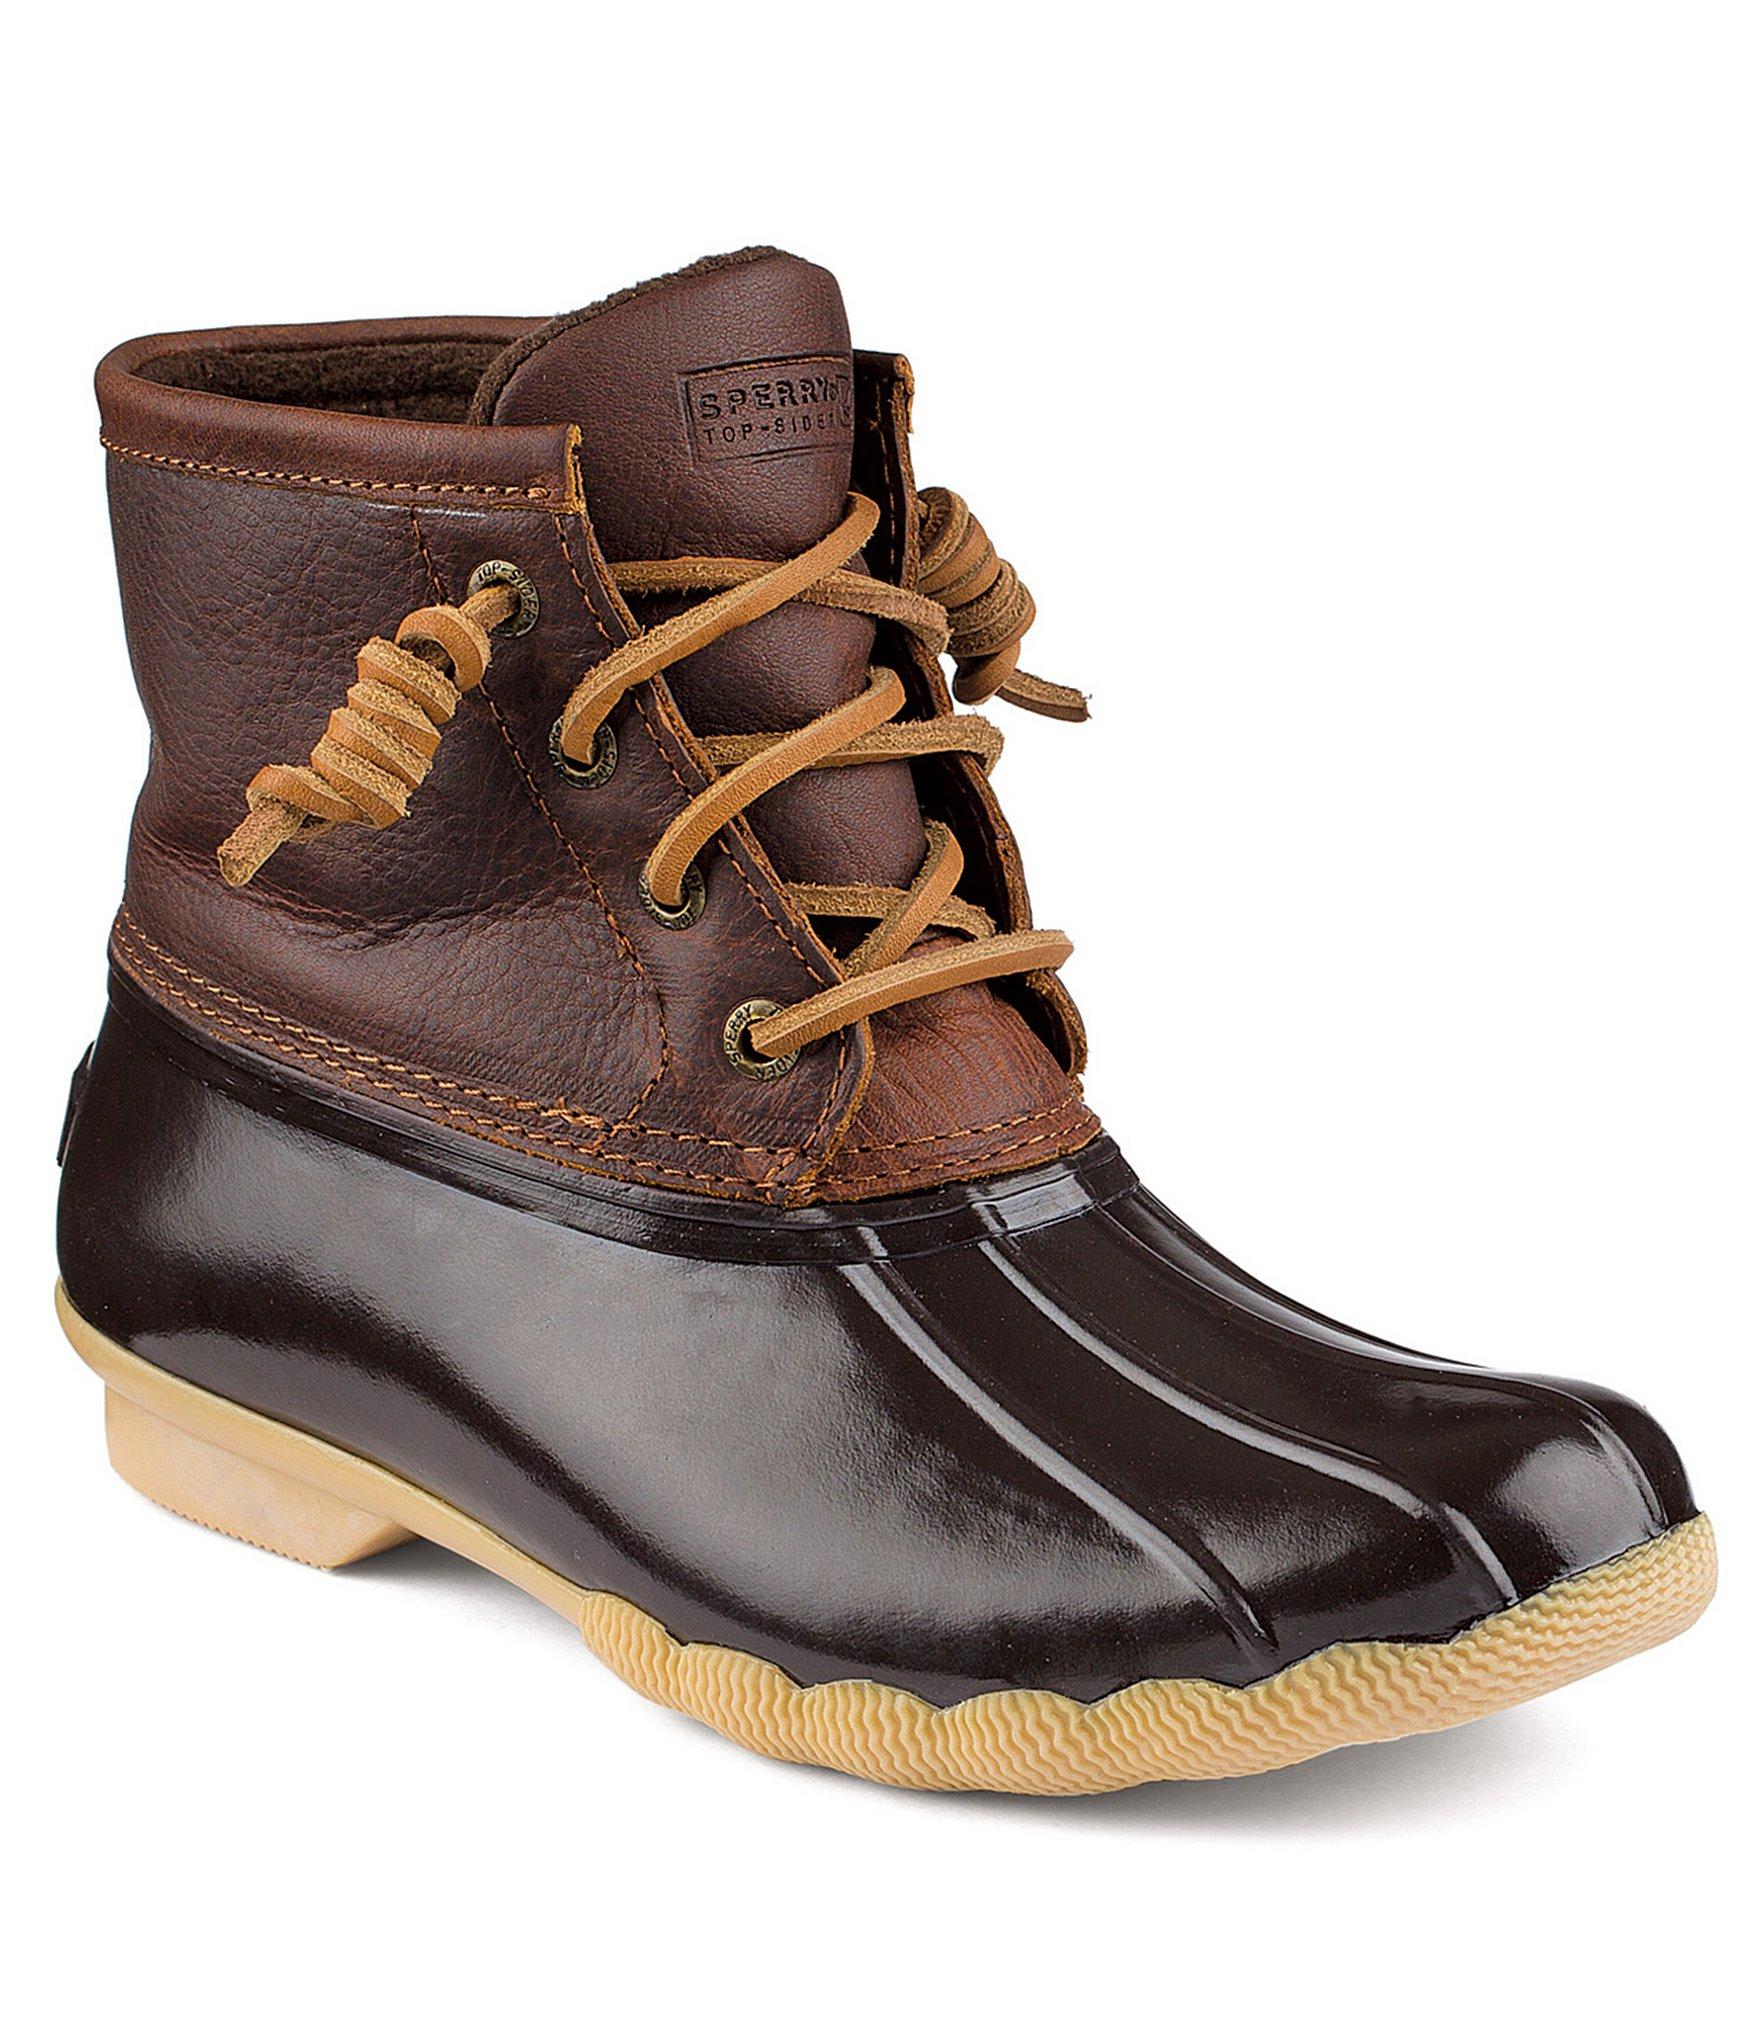 womens boots womenu0027s boots u0026 booties | dillards qroculd